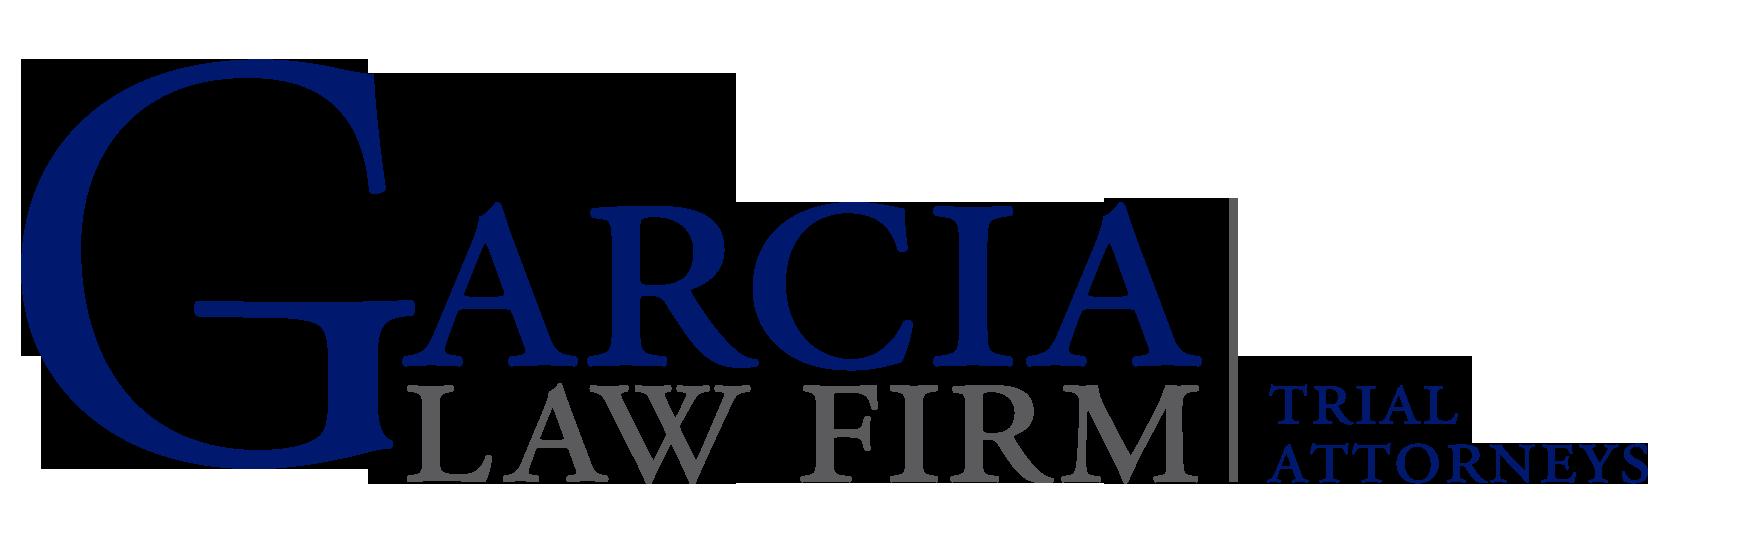 Garcia Law | Trial Attorneys Key West